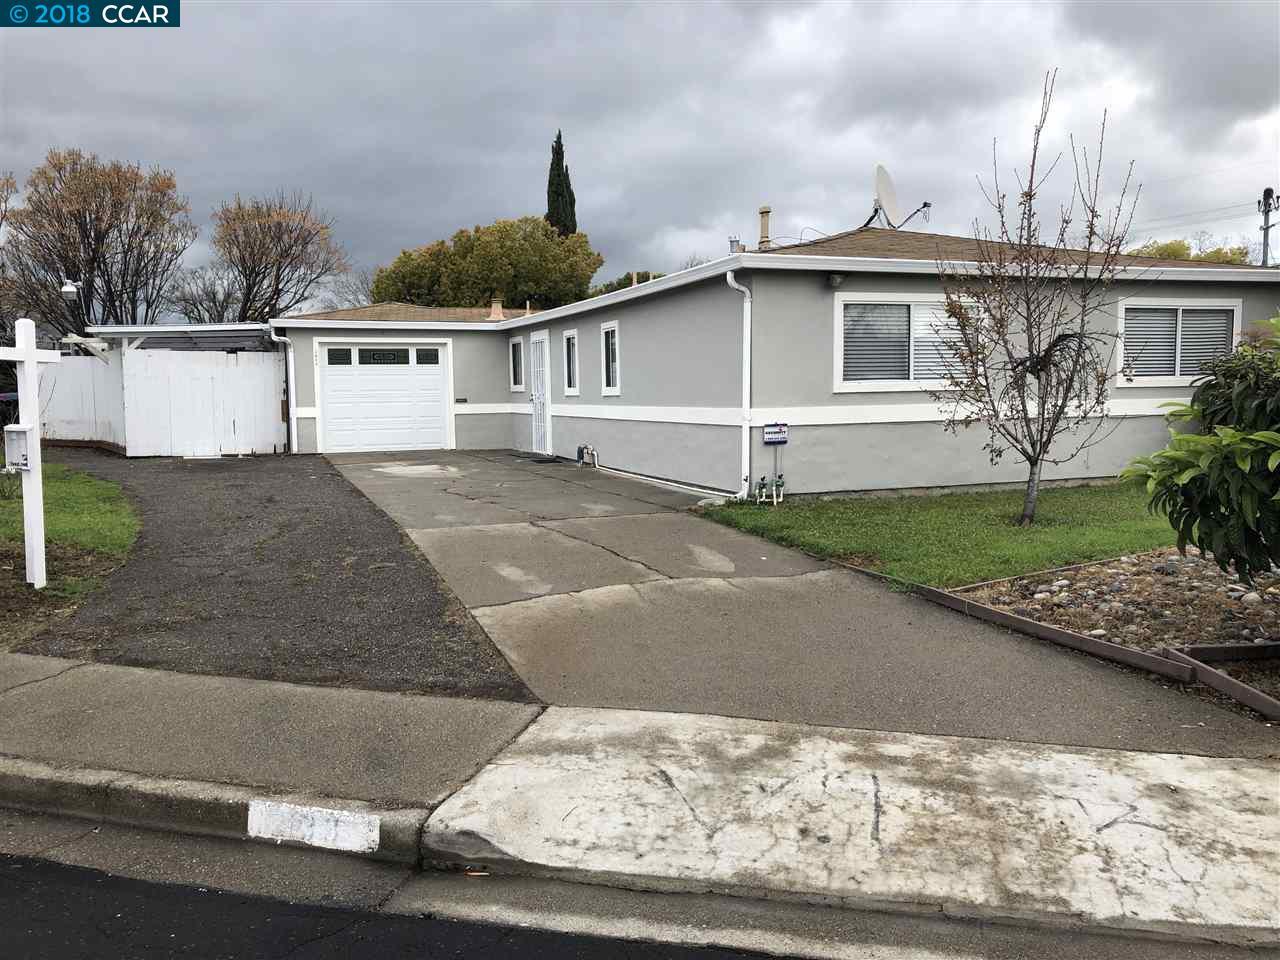 Частный односемейный дом для того Продажа на 2033 Crestwood Drive 2033 Crestwood Drive Antioch, Калифорния 94509 Соединенные Штаты